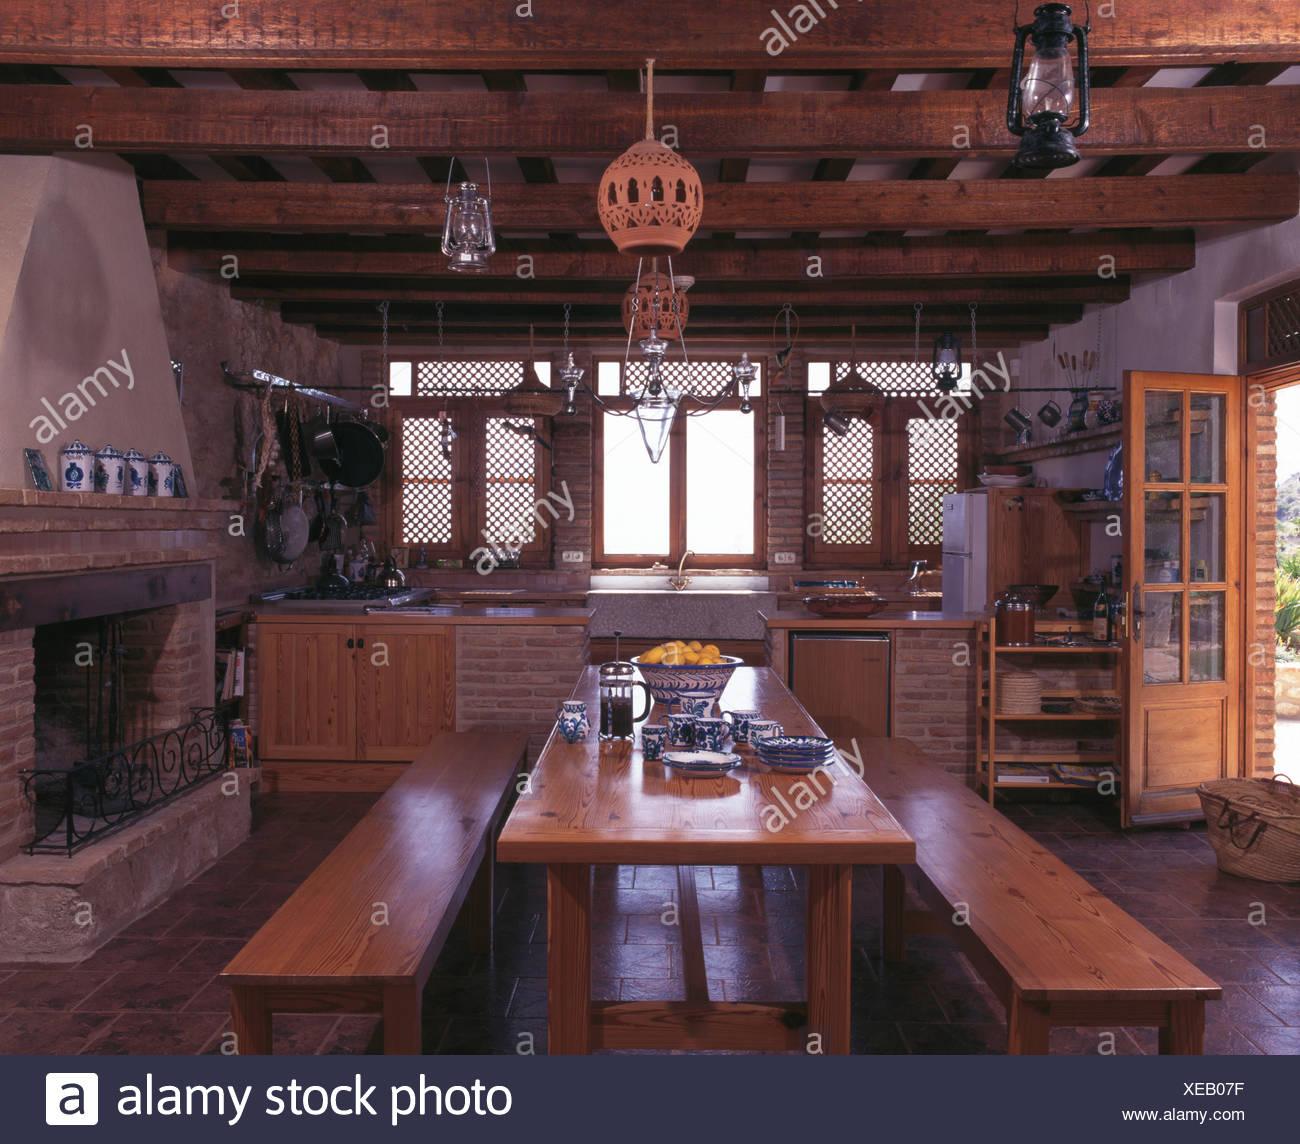 Nett Landküche Highland Park Fotos - Ideen Für Die Küche Dekoration ...